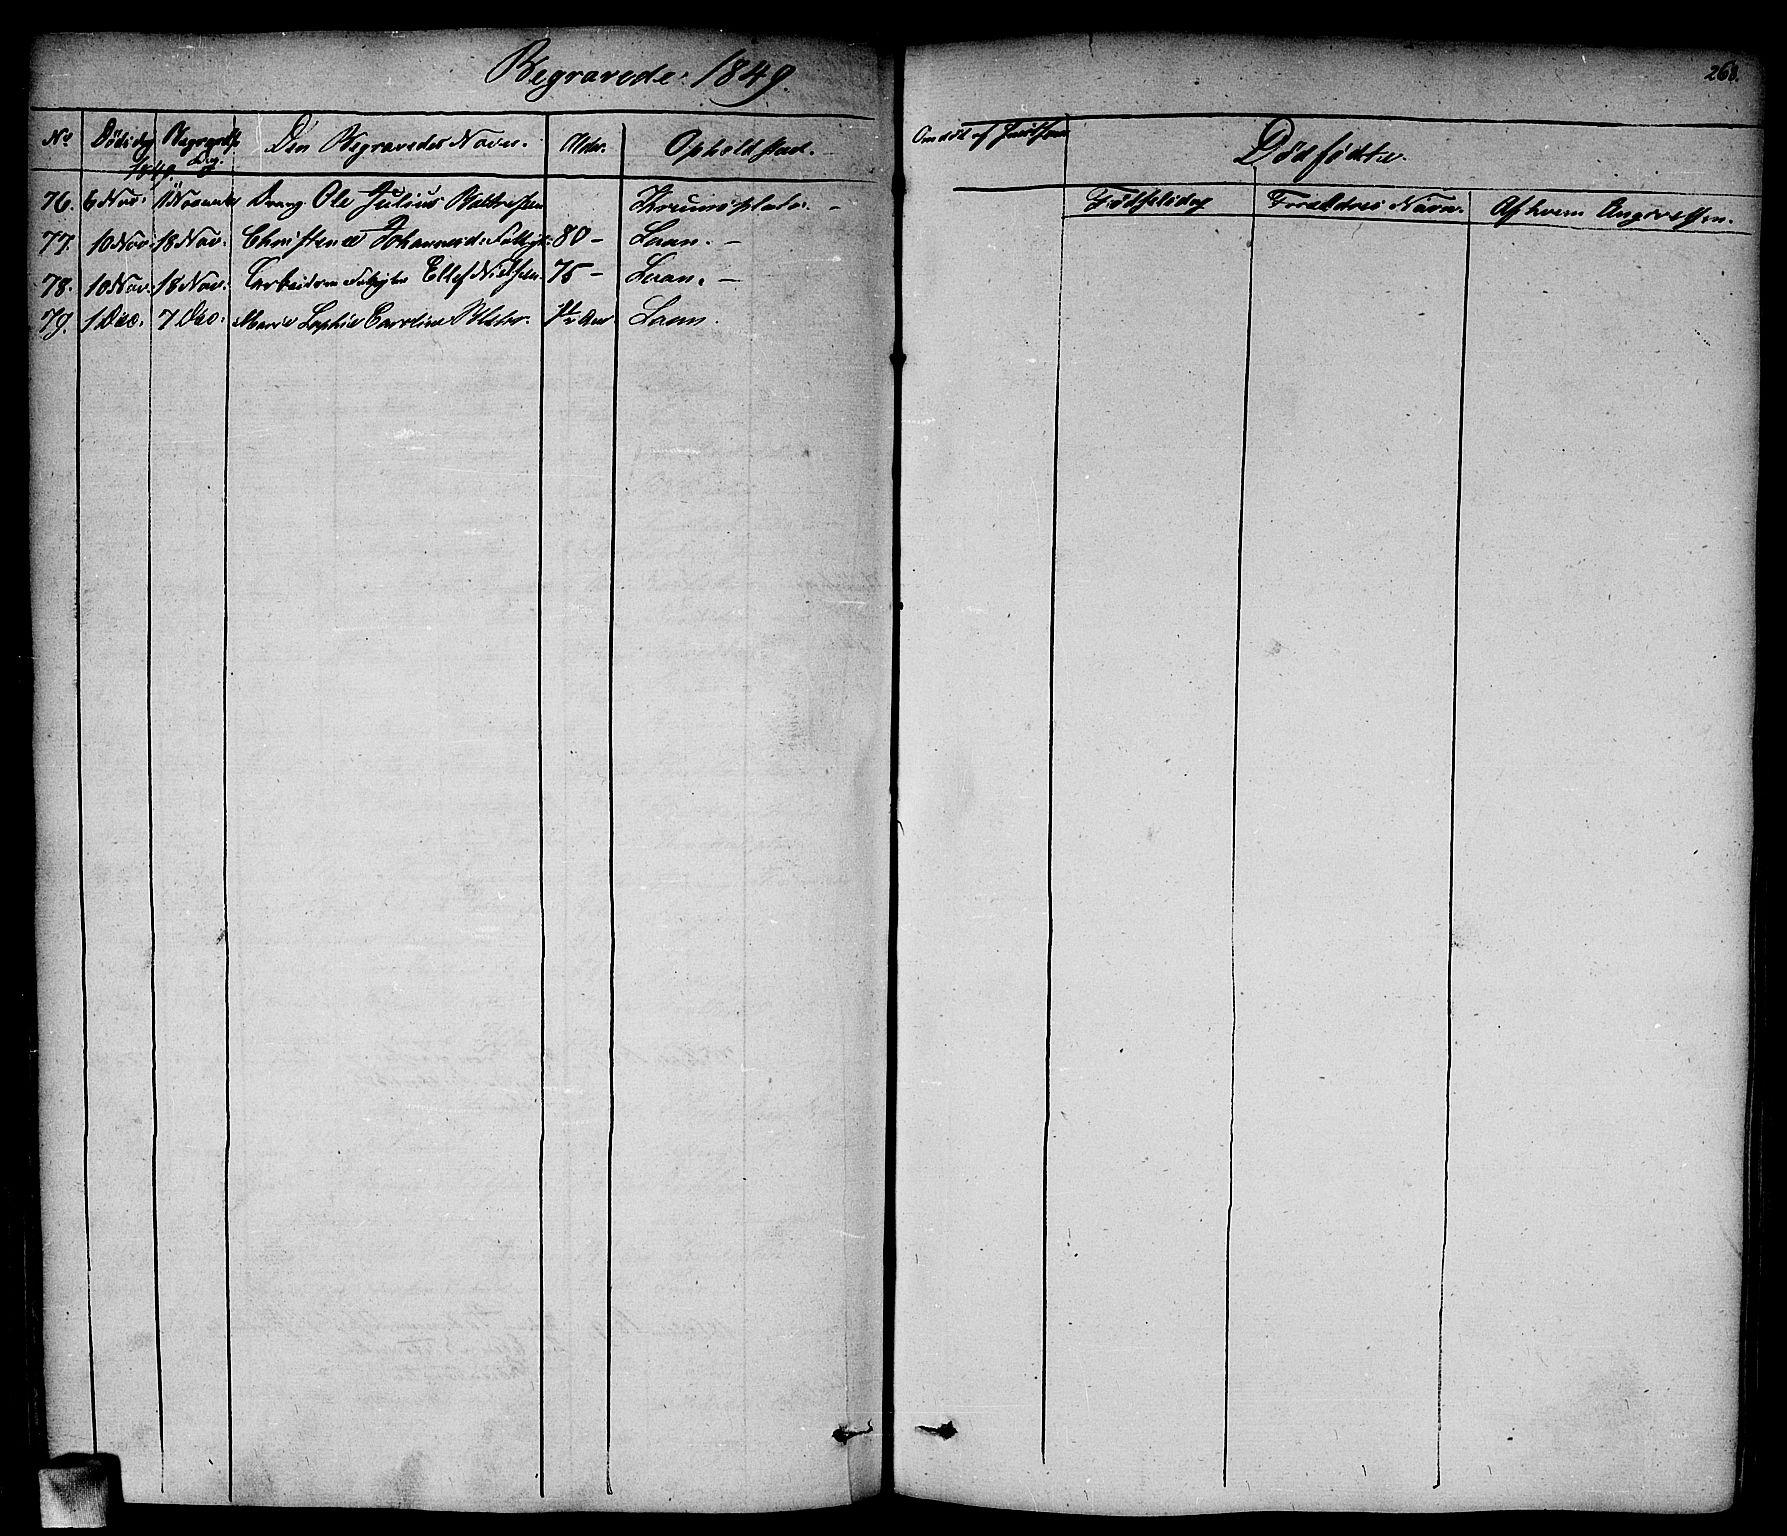 SAO, Vestby prestekontor Kirkebøker, F/Fa/L0006: Ministerialbok nr. I 6, 1827-1849, s. 268